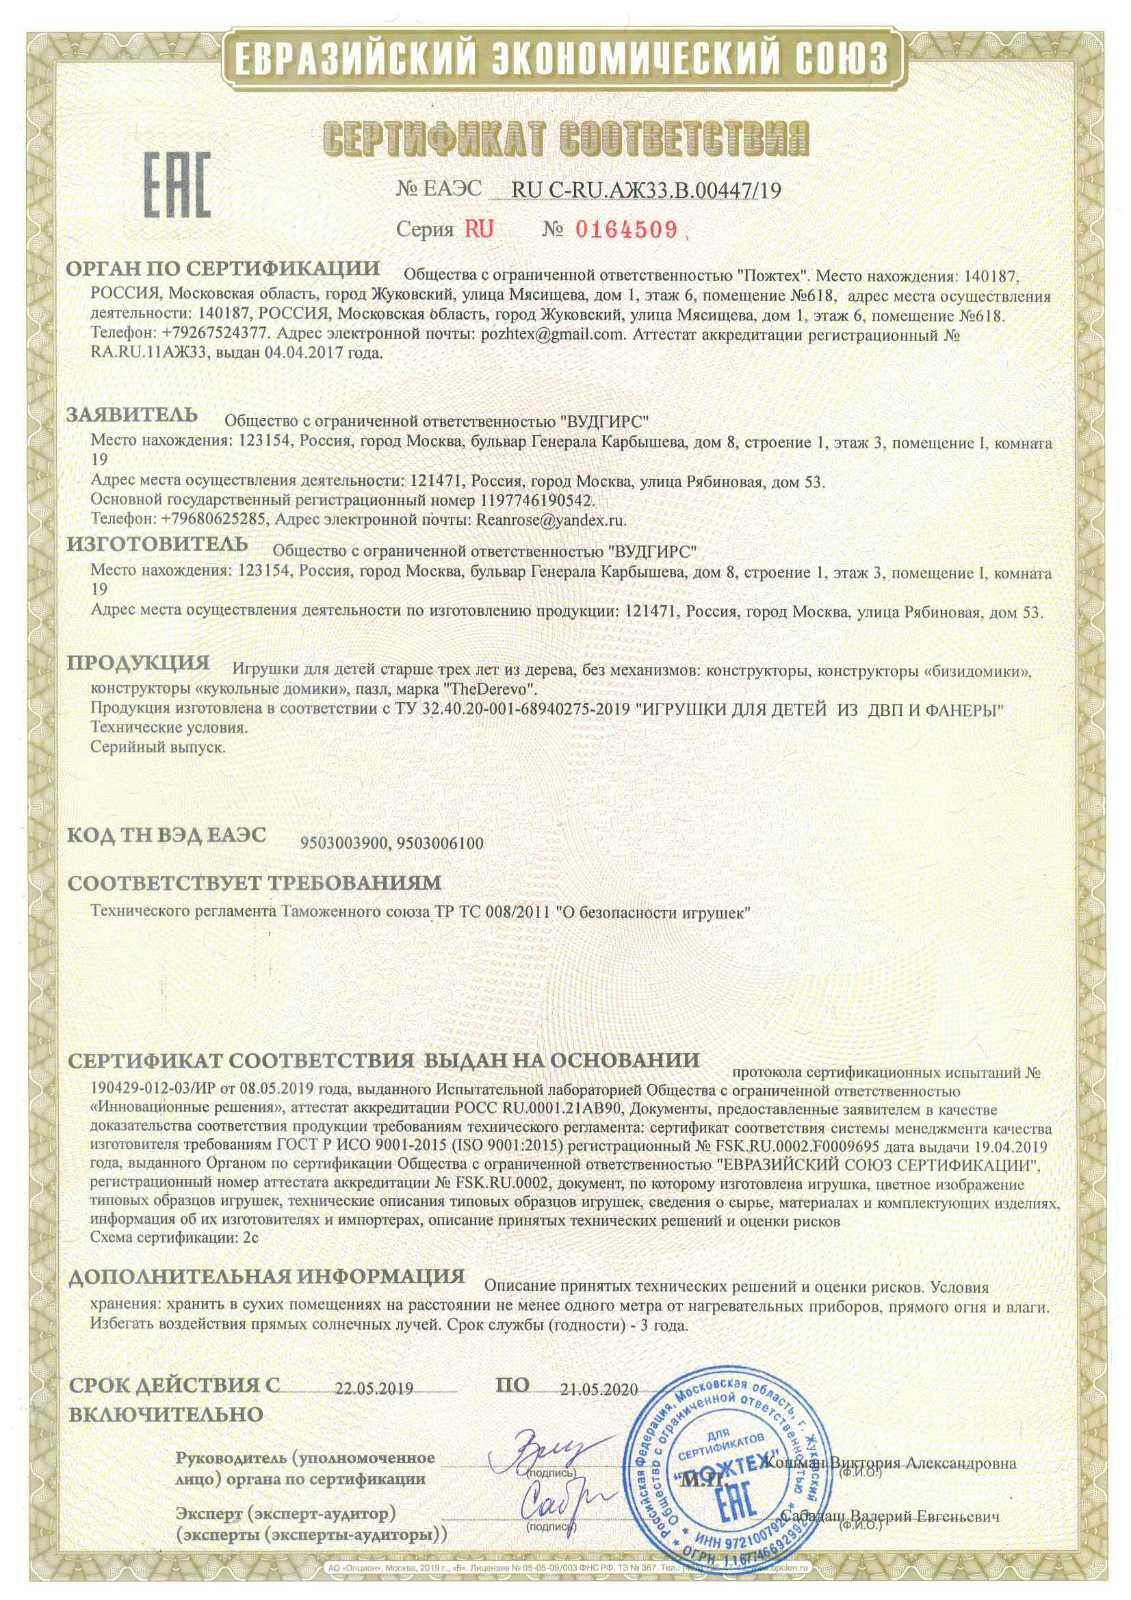 Сертификат соответствия ЕЭС